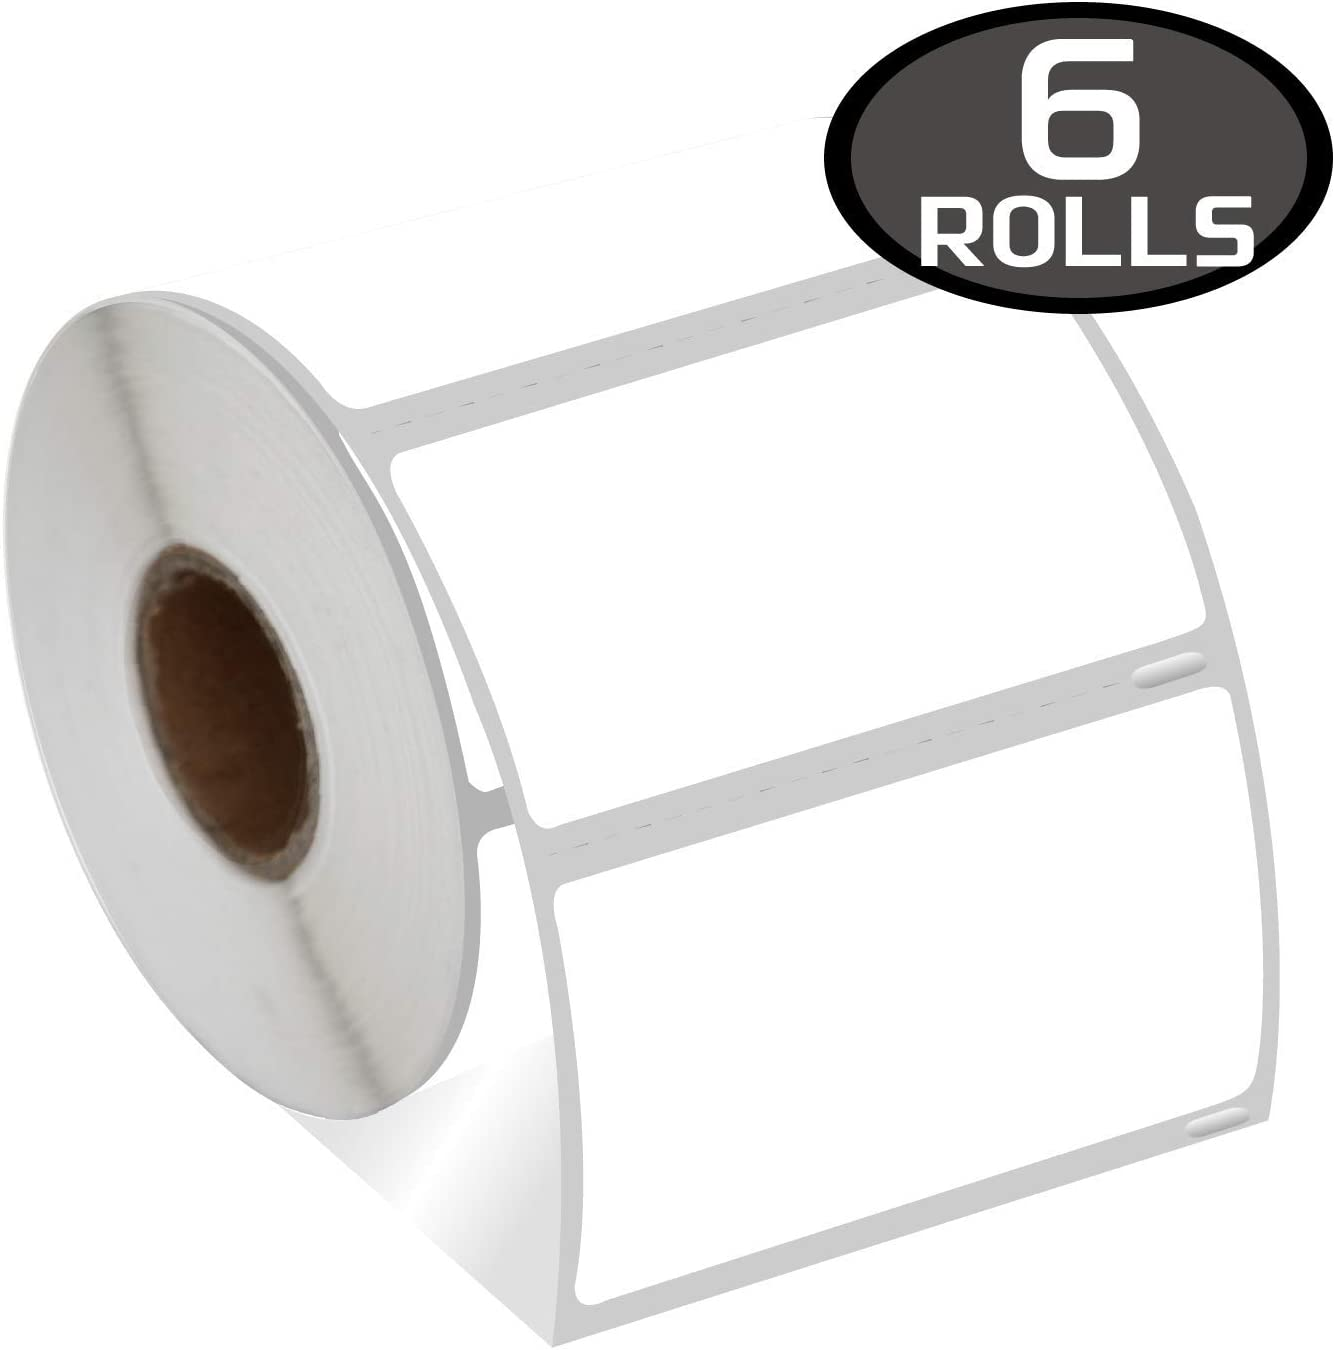 stampa nera su bianco 6 rotoli di etichette compatibili Dymo S0947420 102 mm x 59 mm 4XL ad alta capacit/à